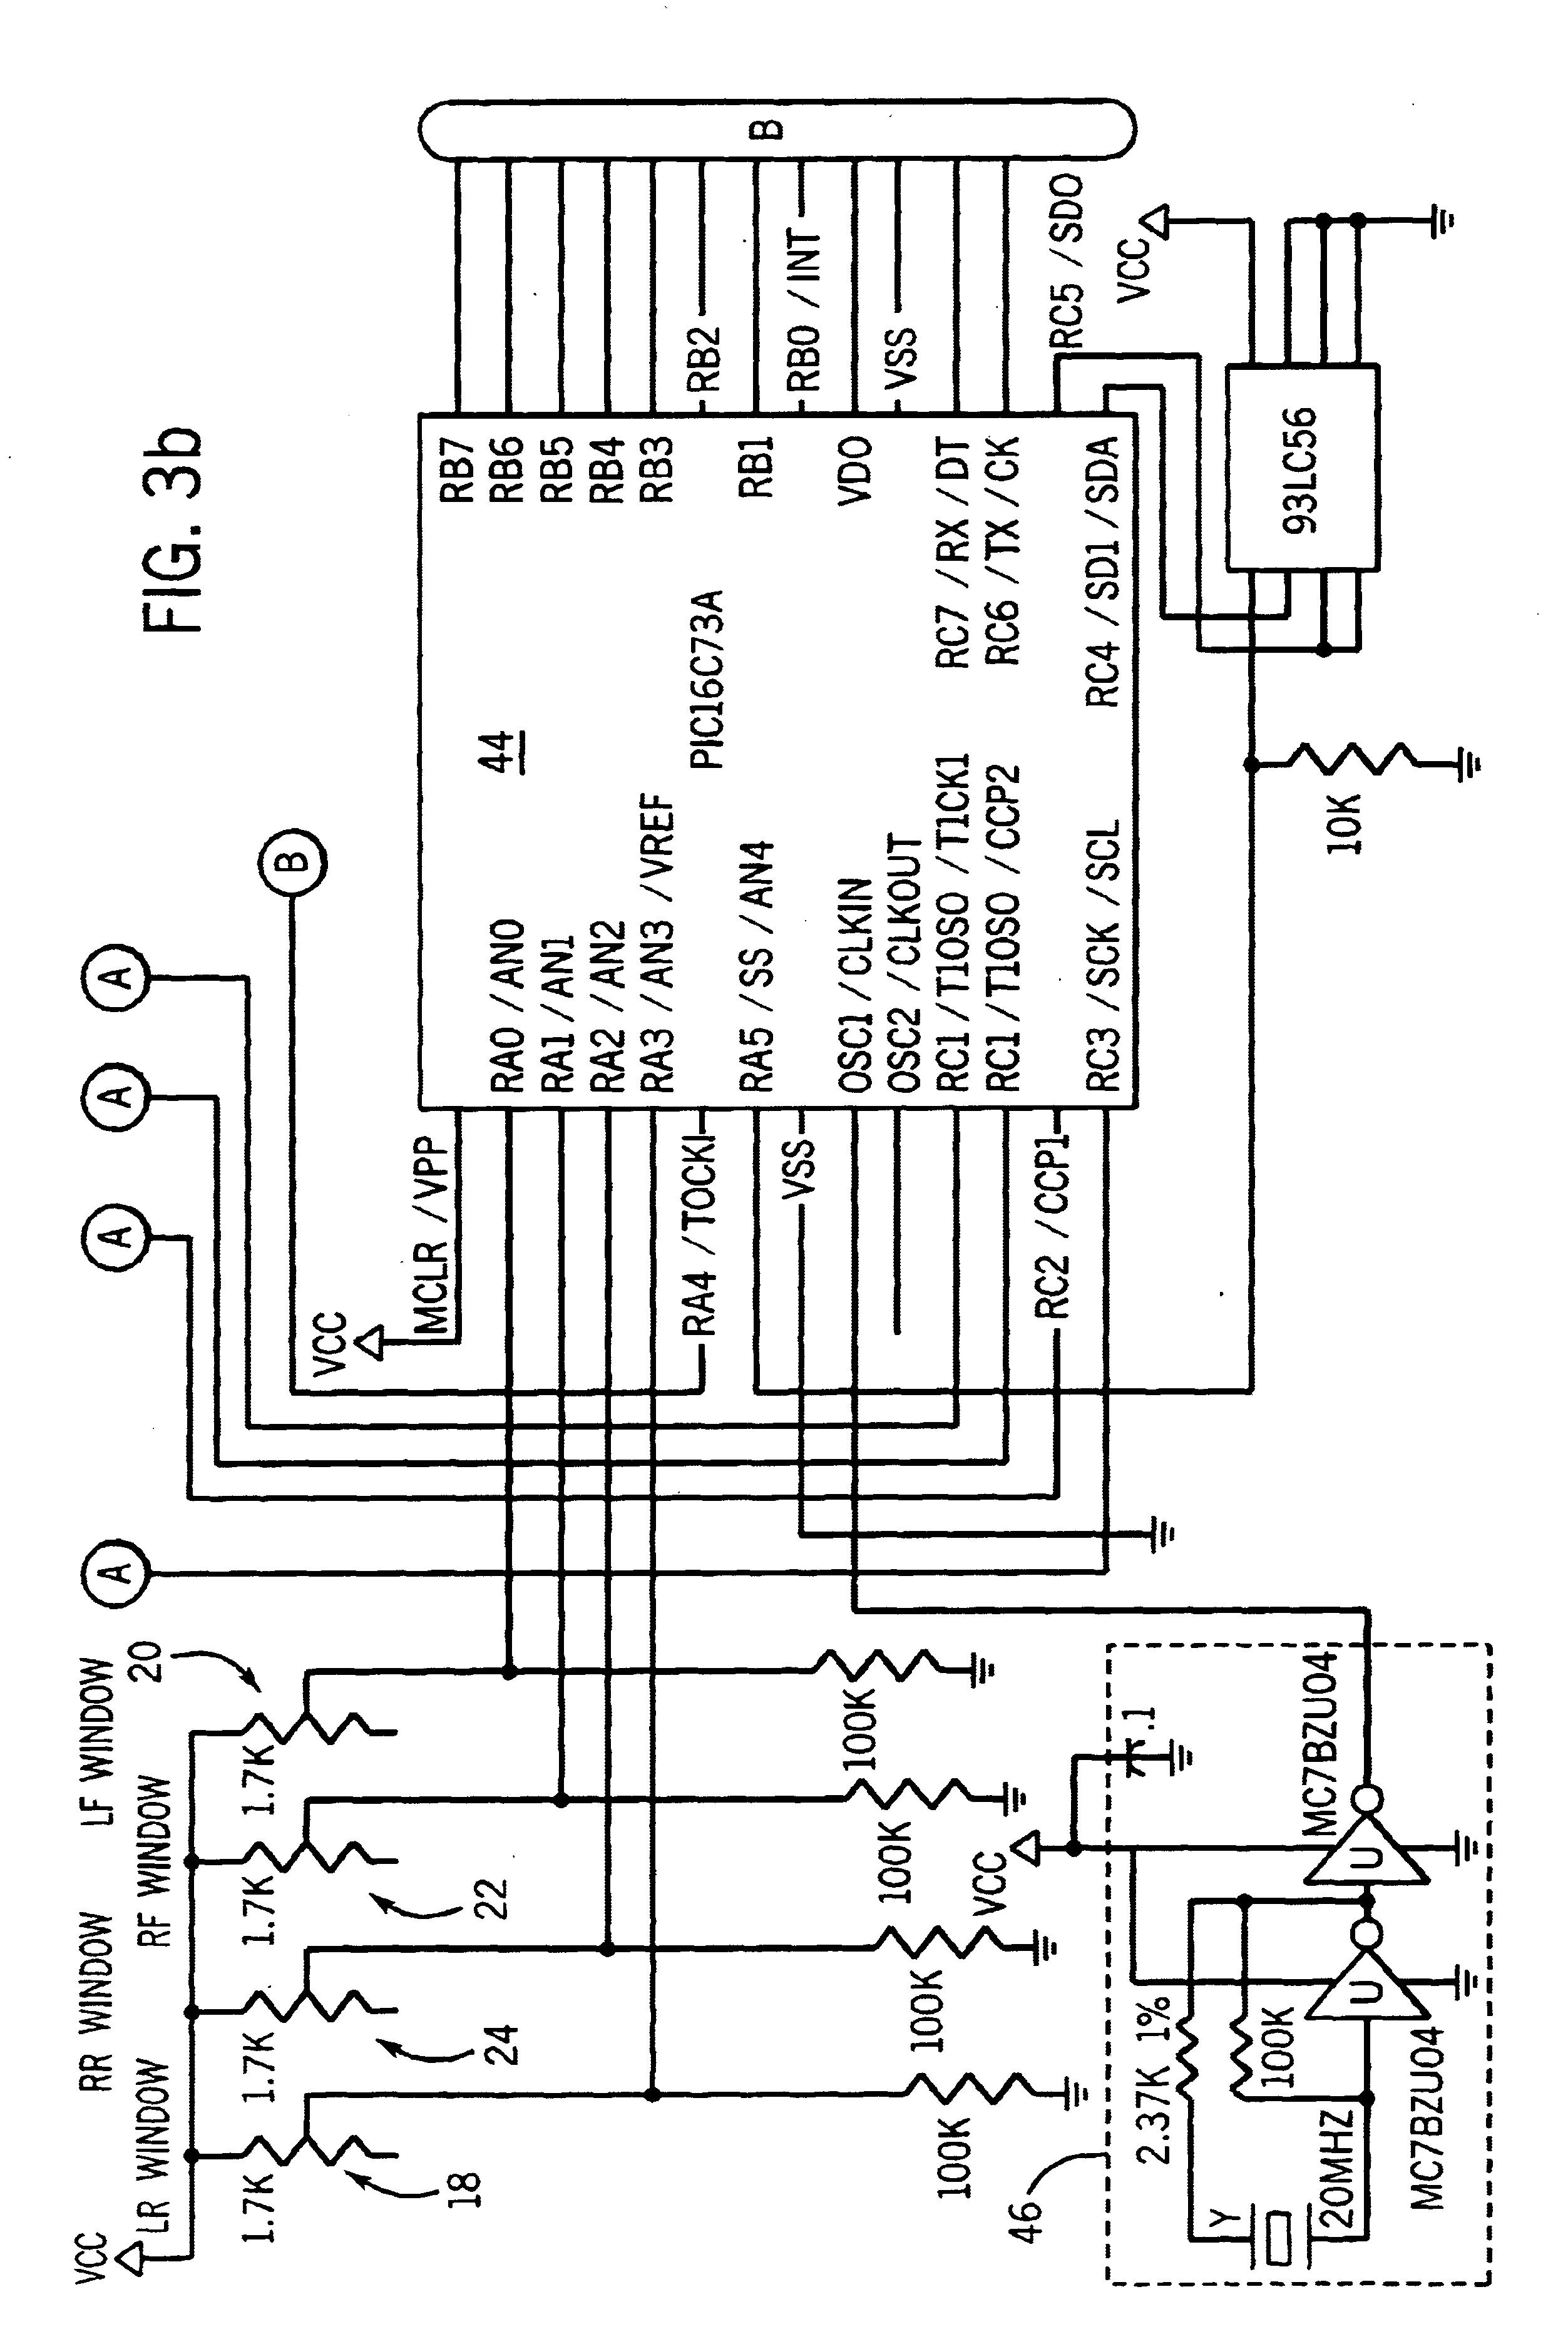 wiring diagram peugeot 307 cc